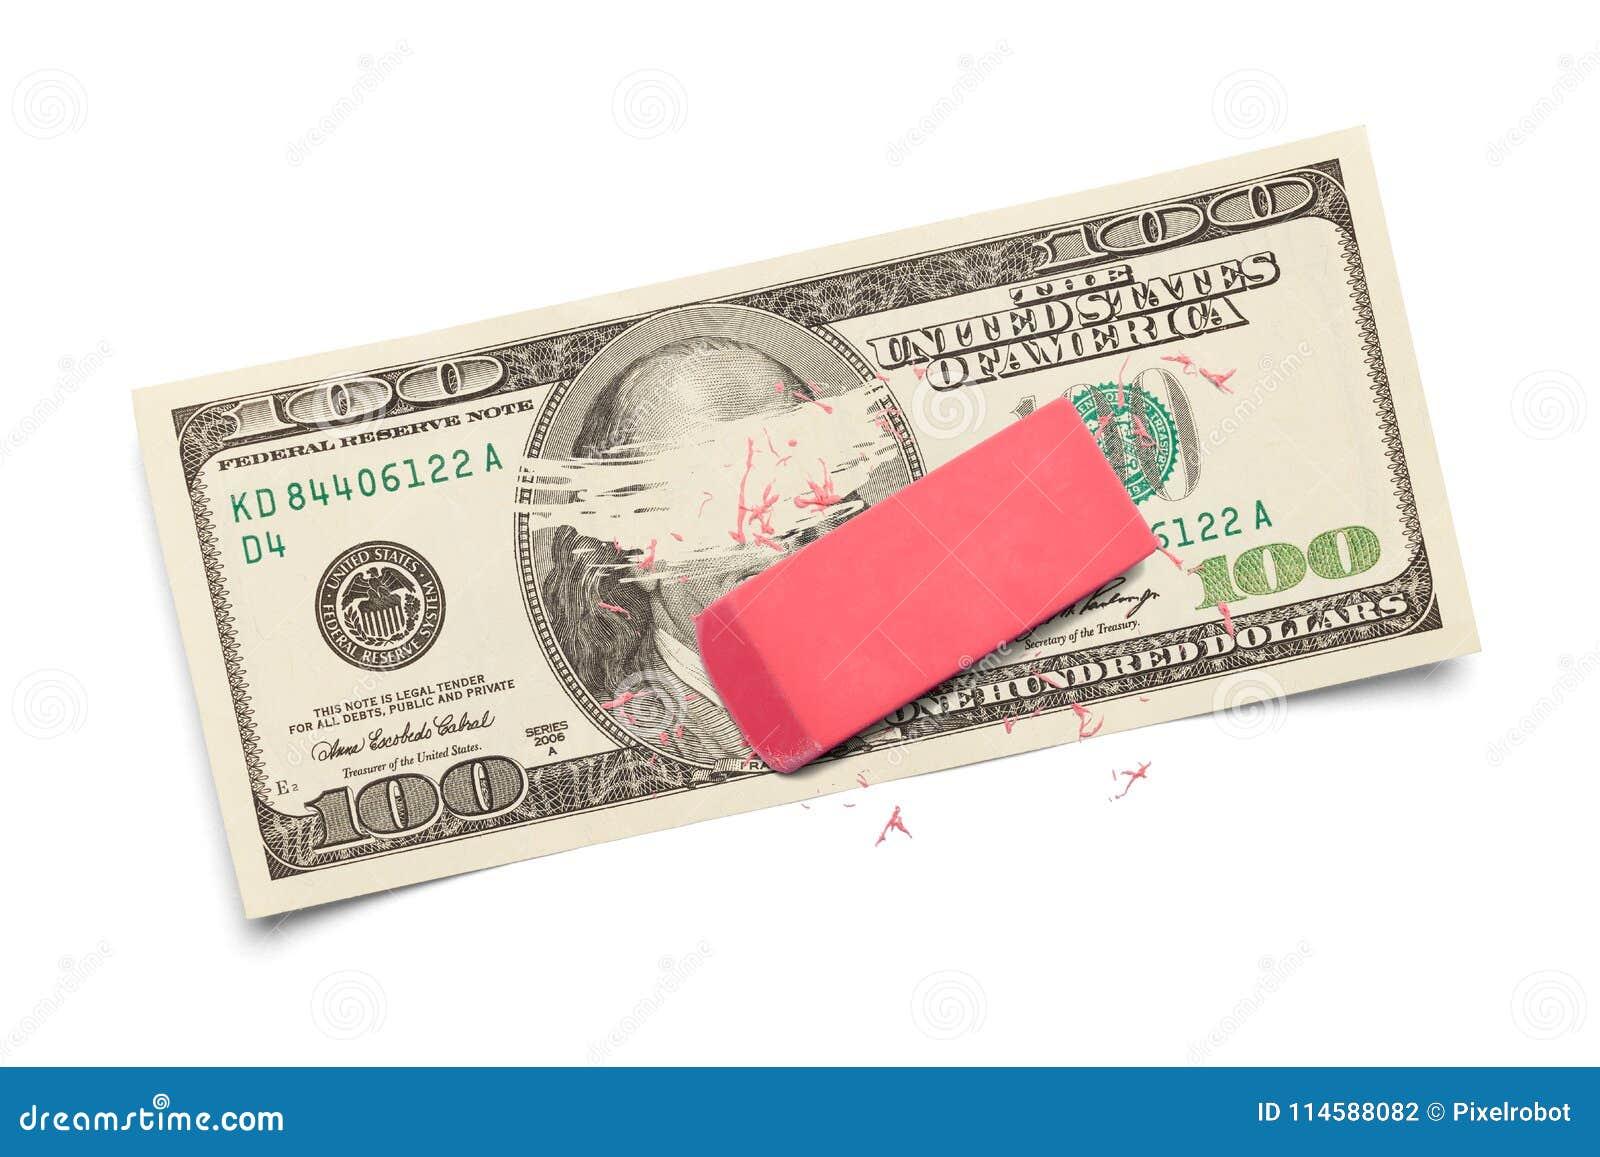 Erase Money